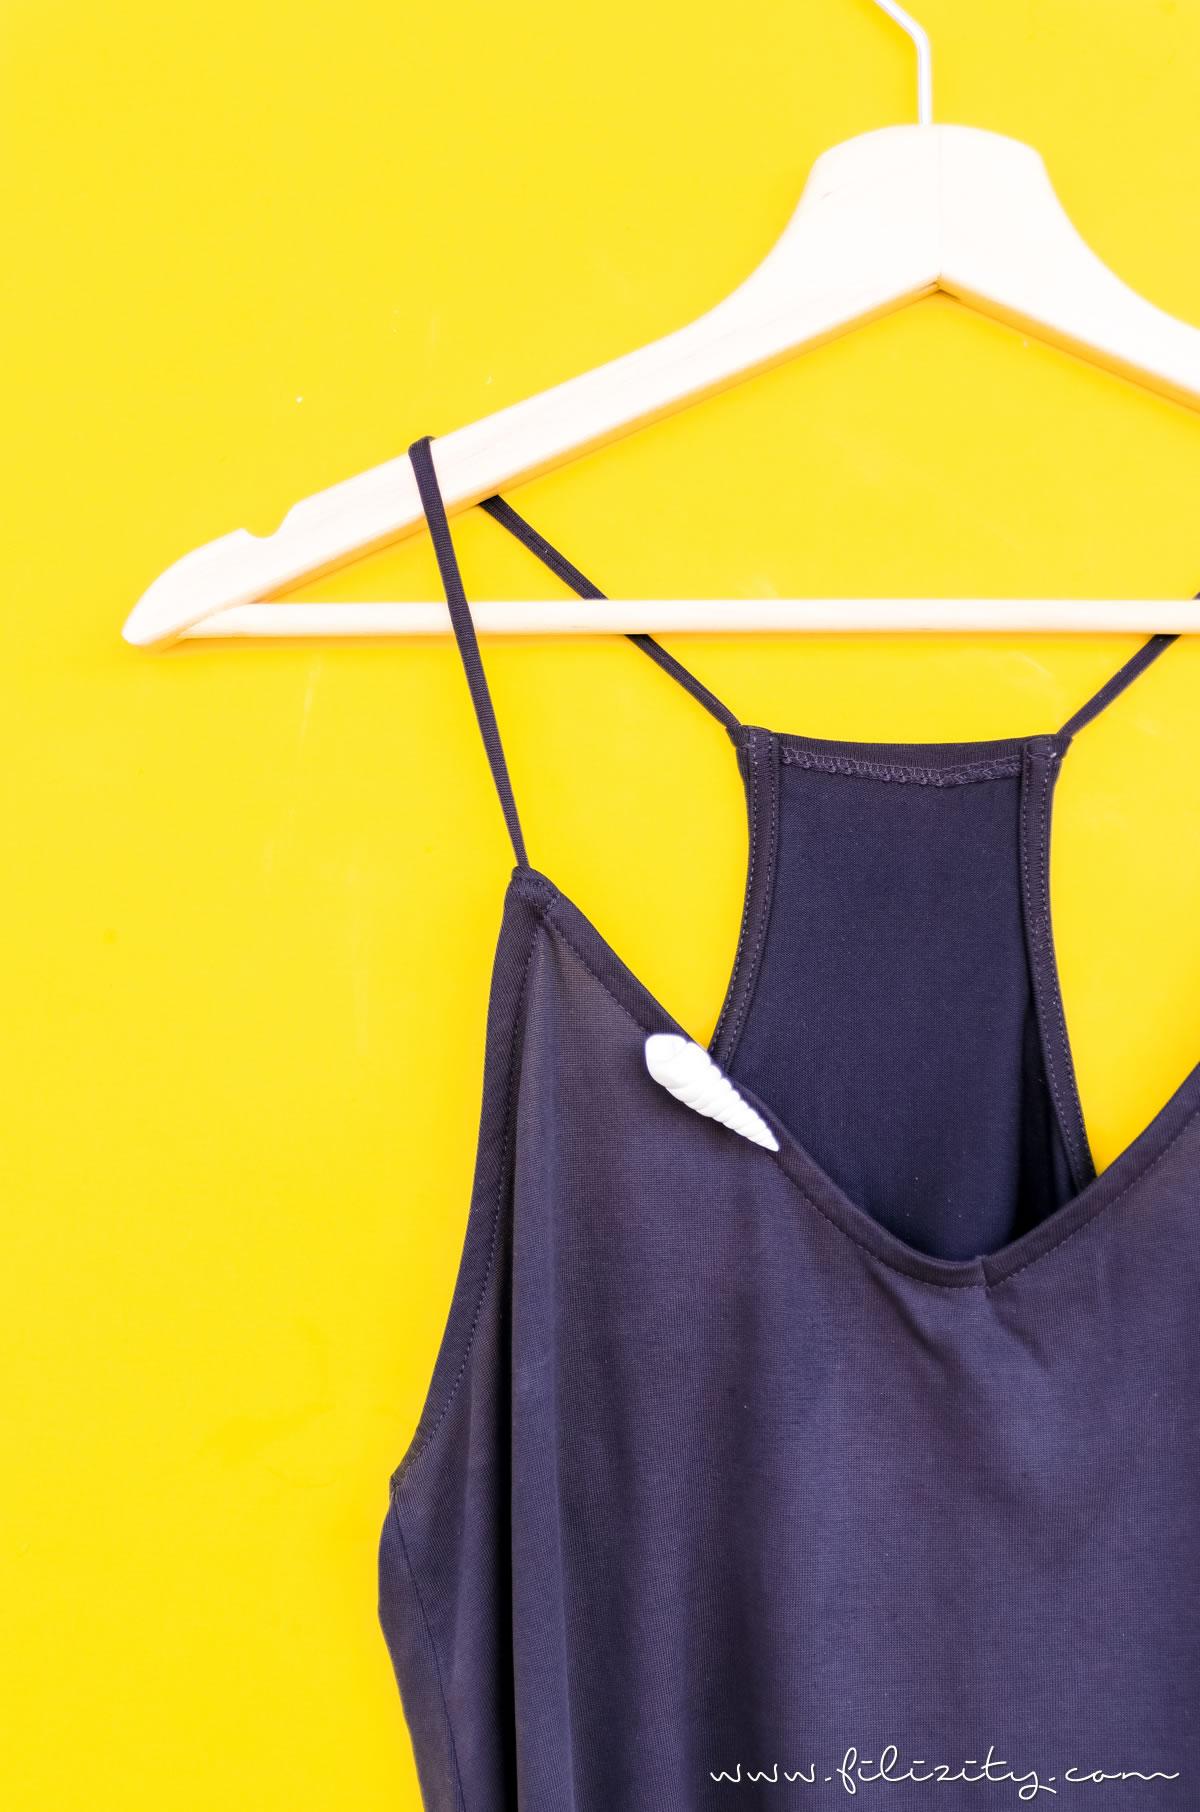 Kleidung aufpeppen: DIY Muschel-Brosche aus Fimo oder Kaltporzellan selber machen | Sommer-Schmuck basteln | Filizity.com - DIY-Blog aus dem Rheinland #myfimo #fimo #kaltporzellan #sommer